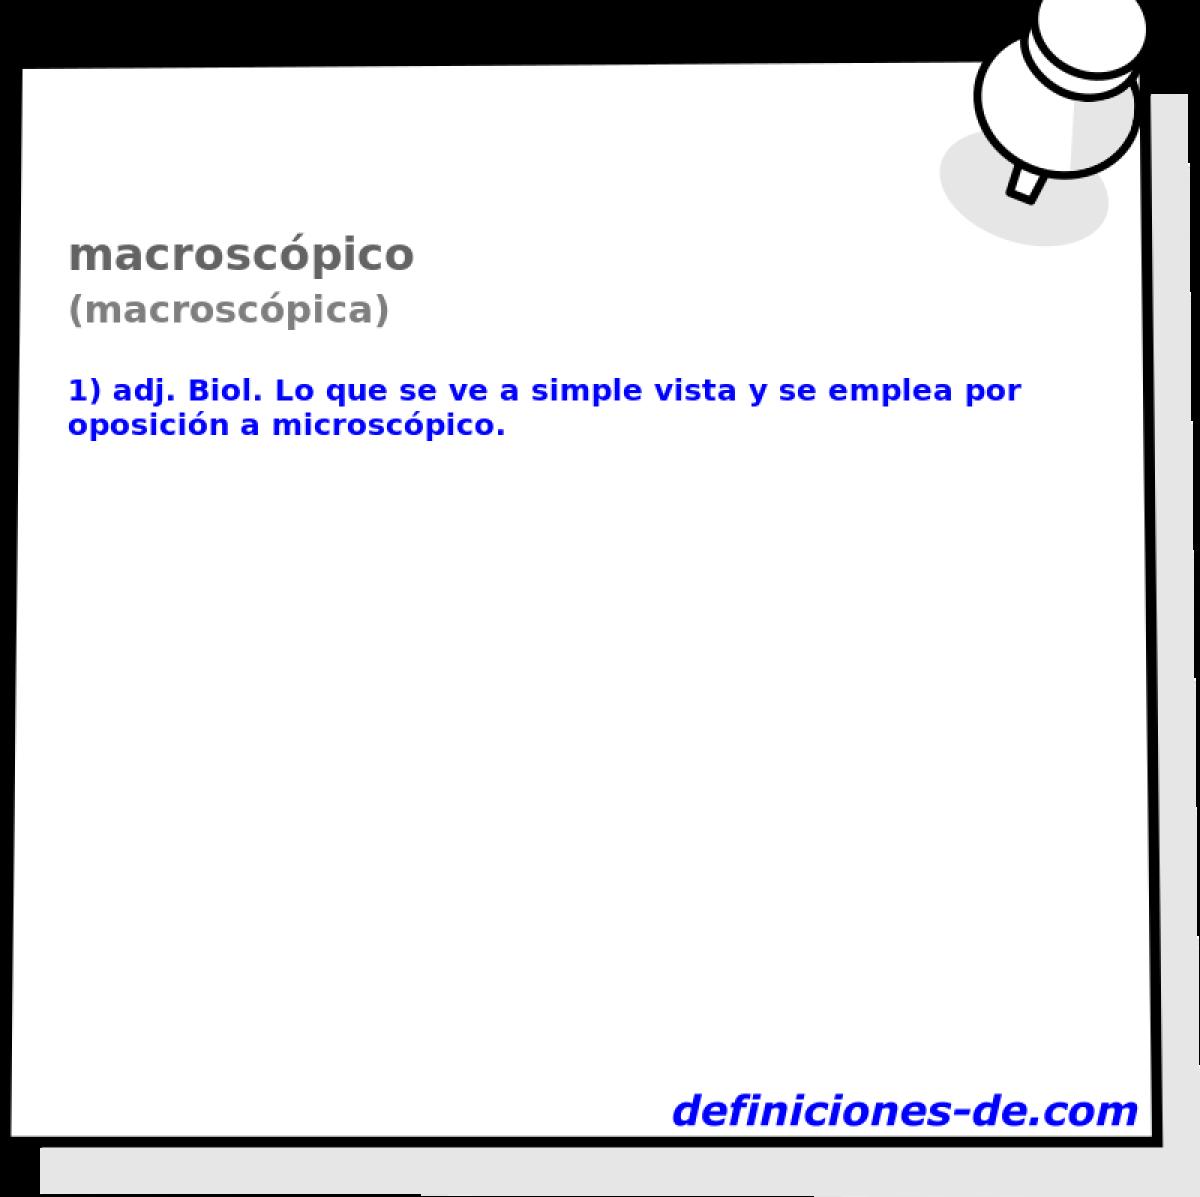 Qué significa Macroscópico (macroscópica)?